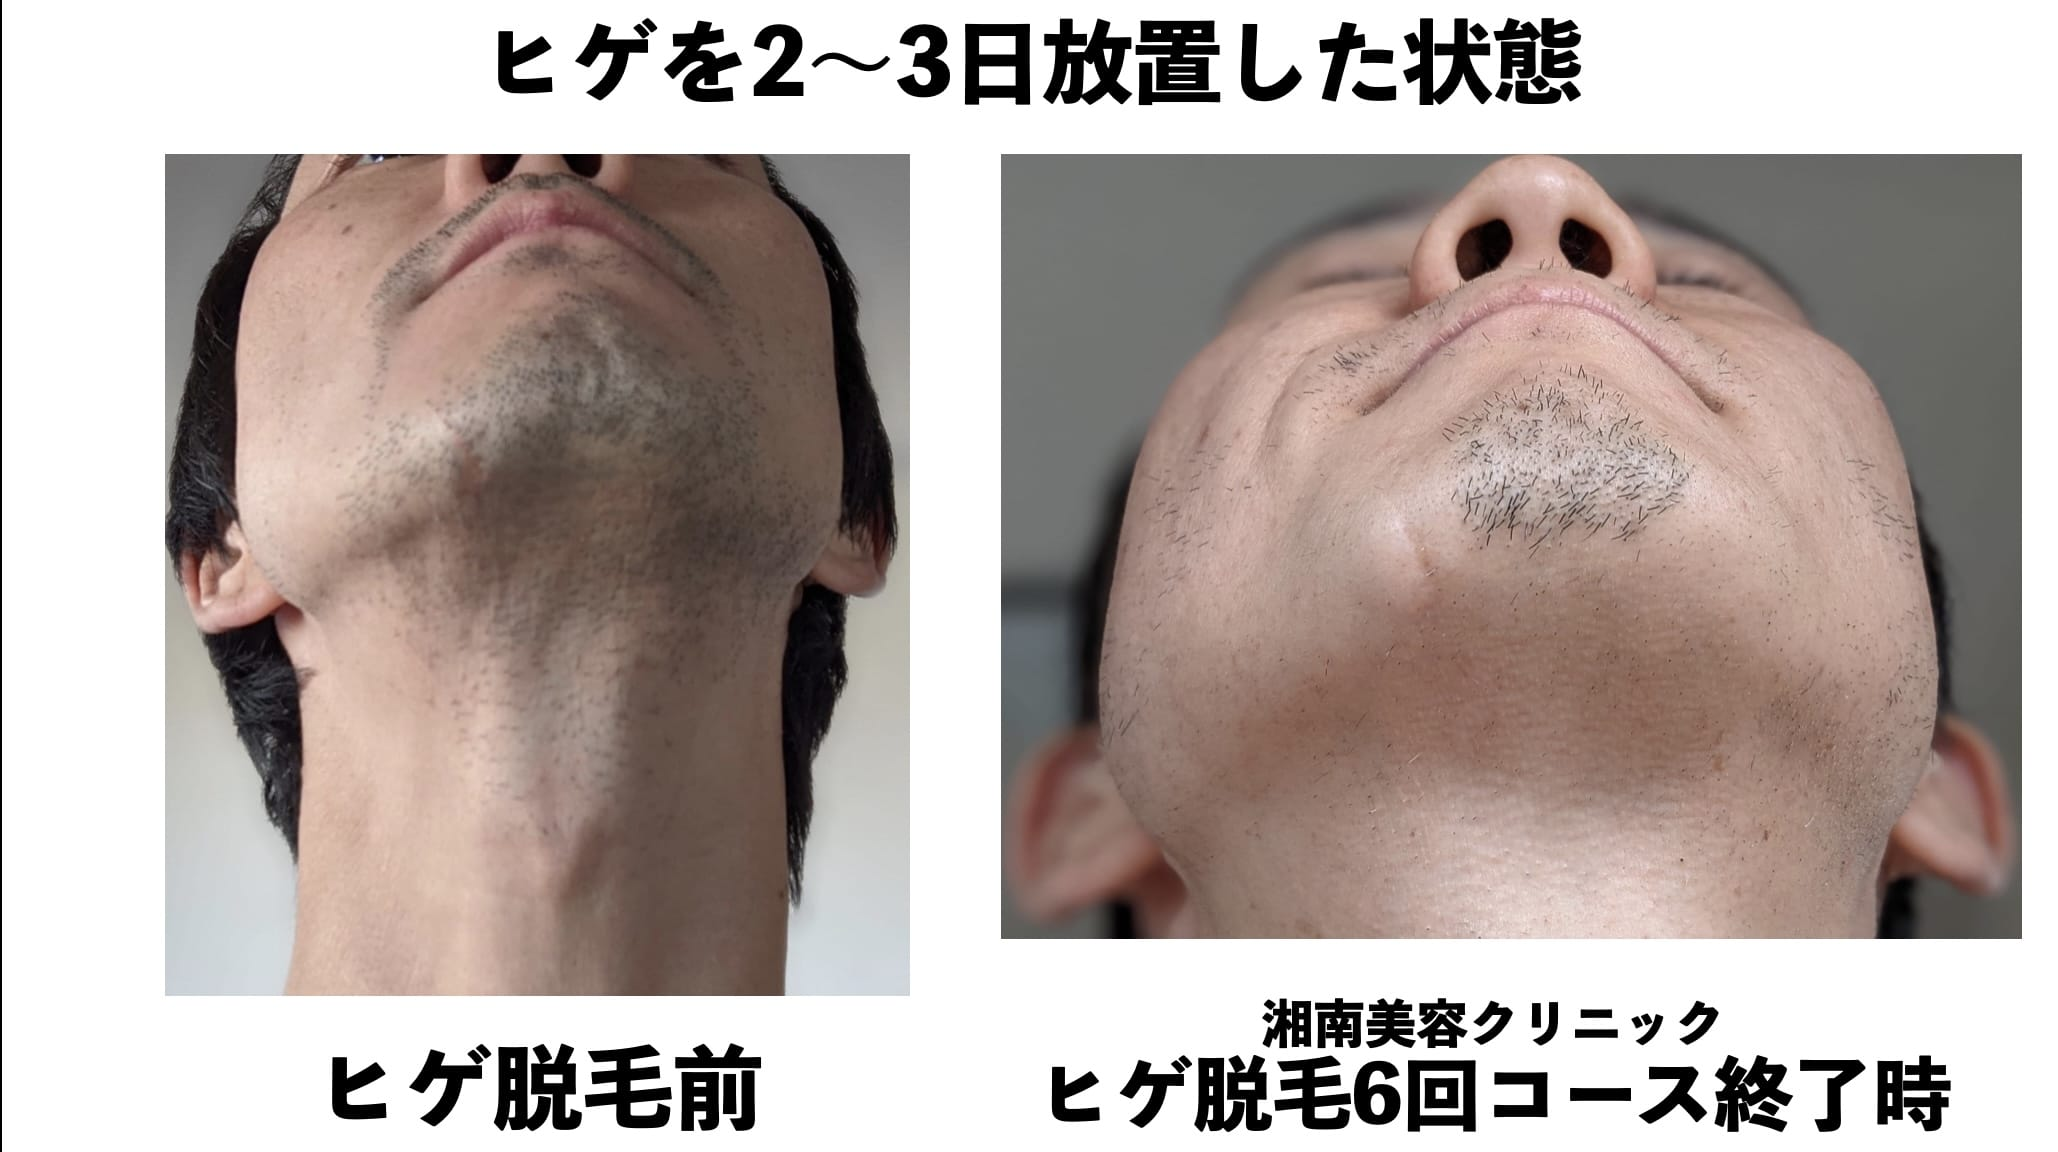 ヒゲを2〜3日放置した状態での比較(アゴ下)写真